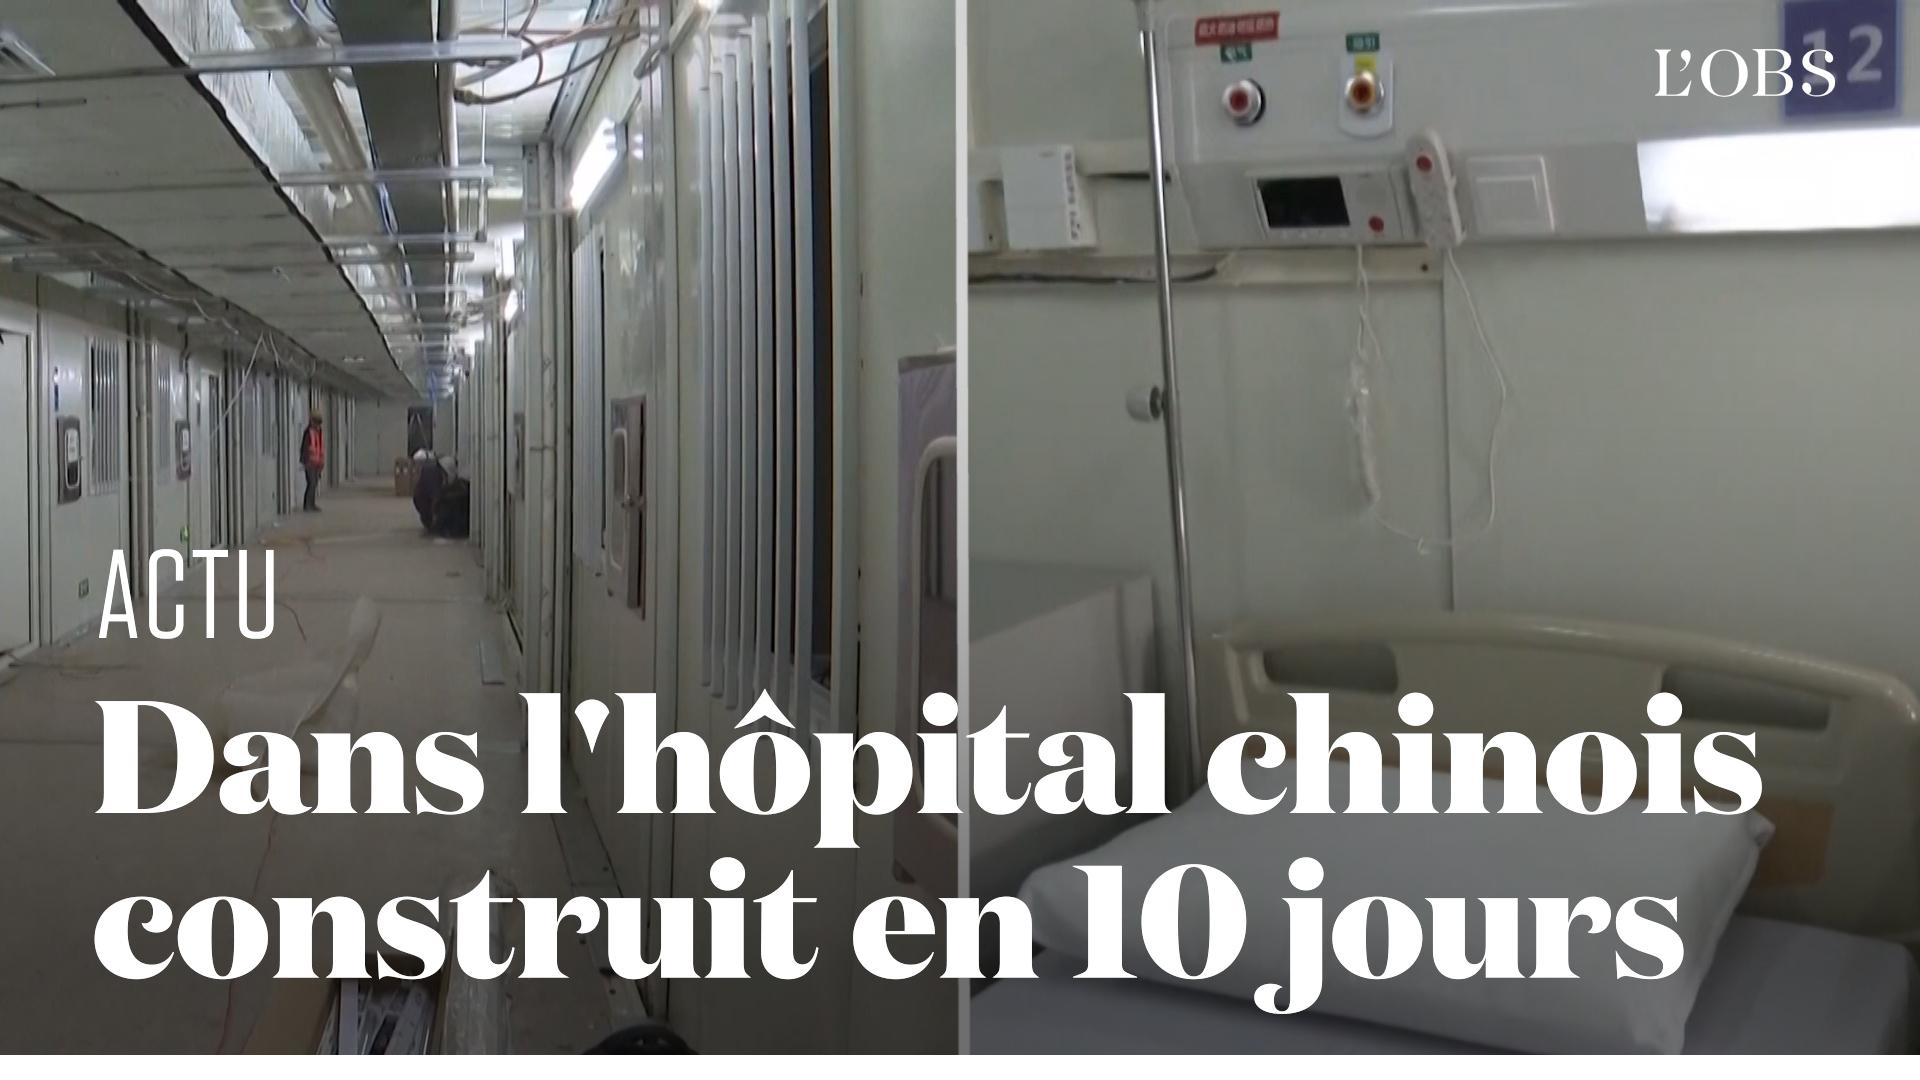 L'hôpital de Wuhan construit en 10 jours accueille ses premiers malades du coronavirus